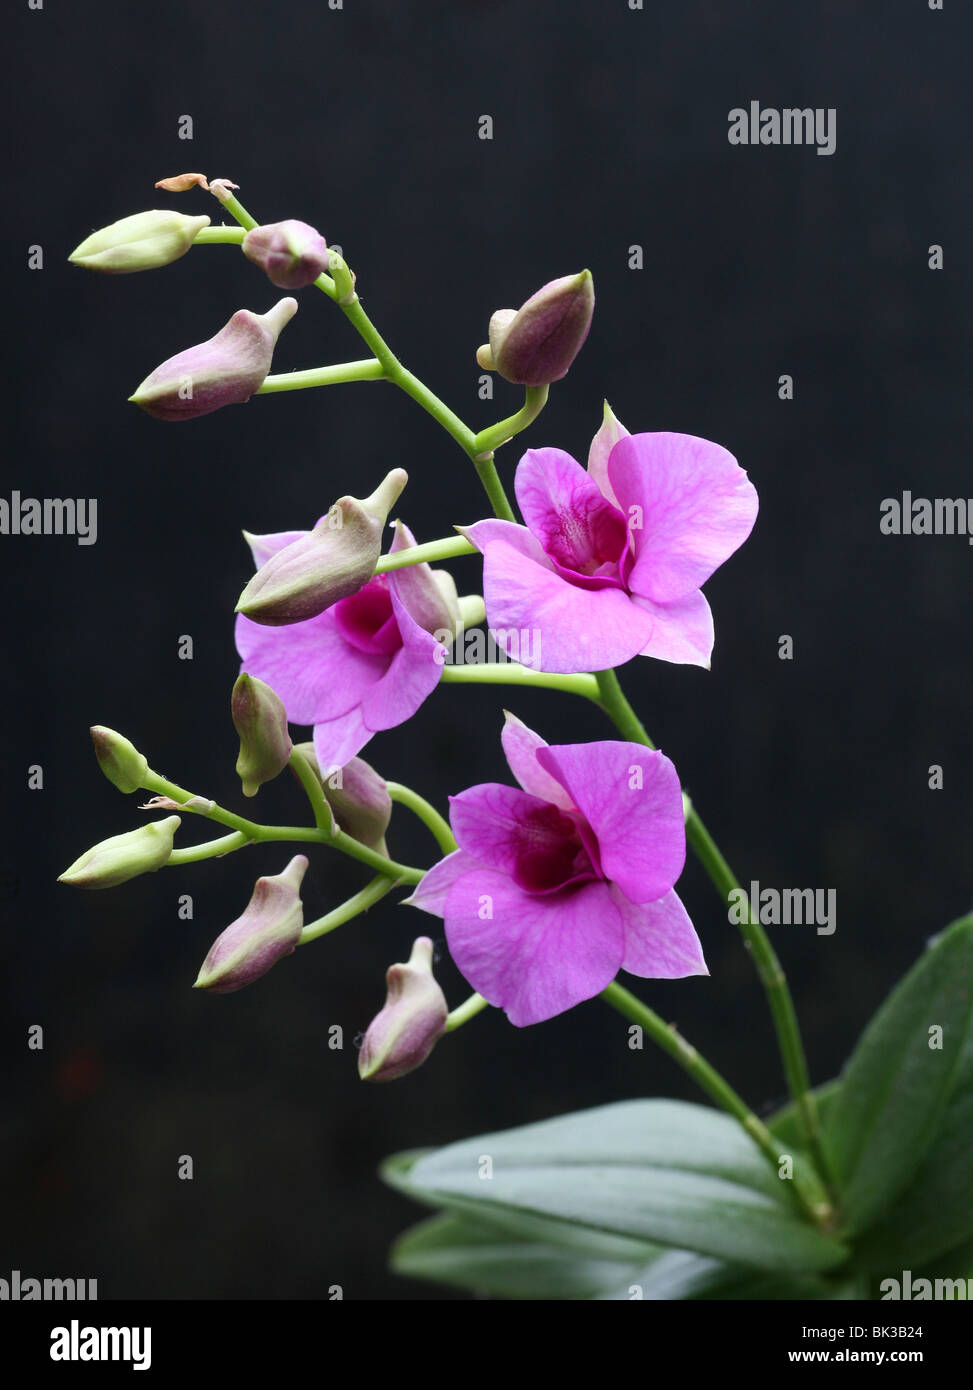 Una flor de Orquídeas Dendrobium morado Foto de stock